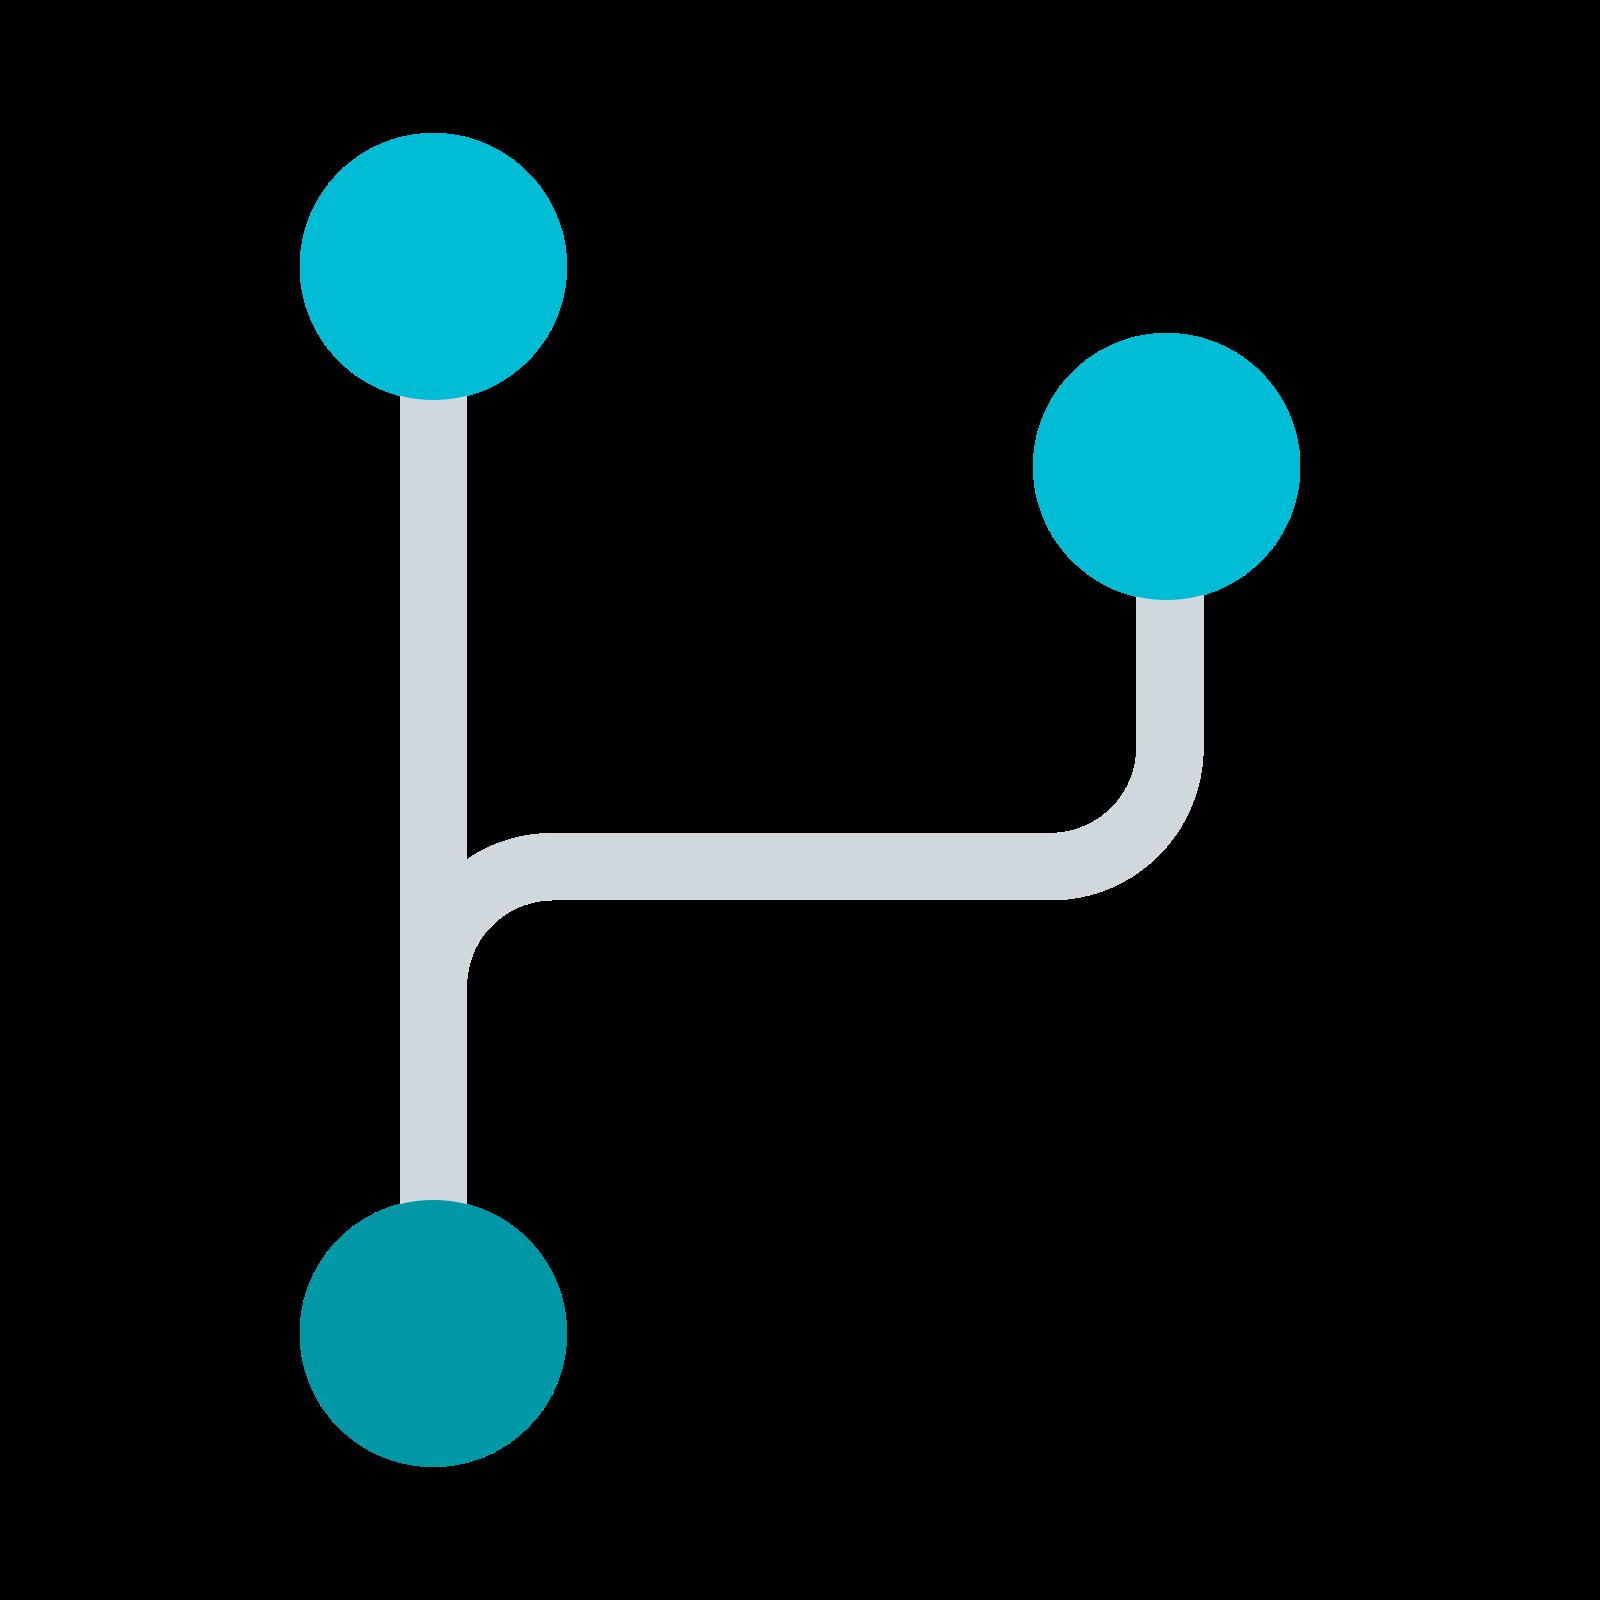 Divisão de código icon